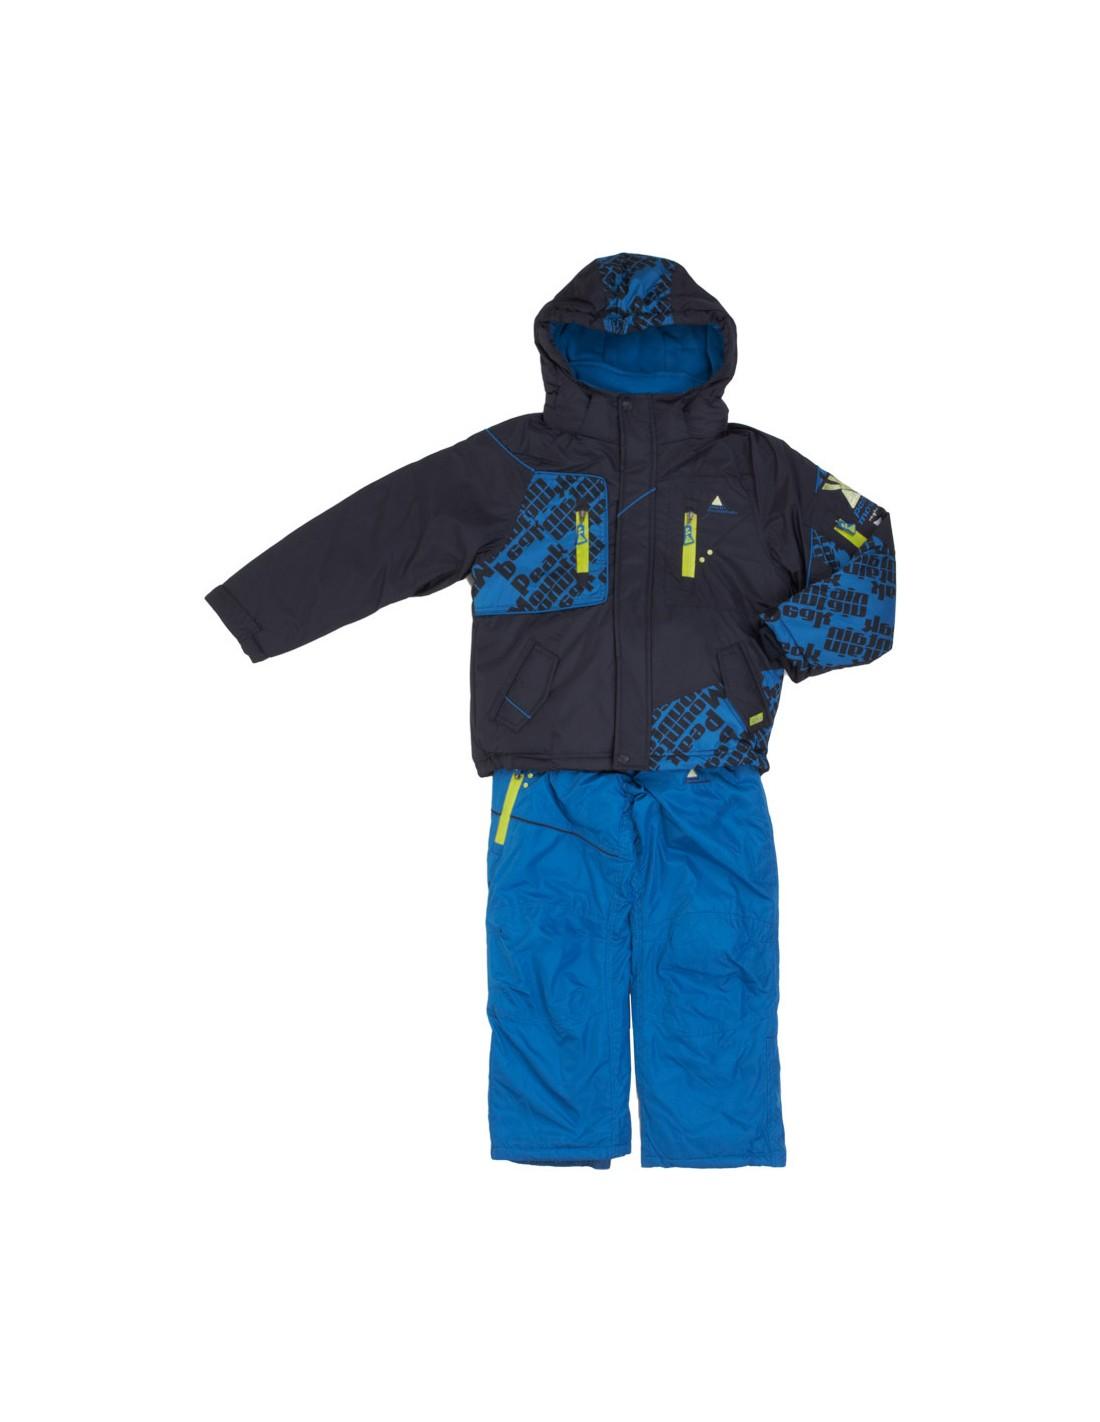 4c8cd6f19771a Ensemble de ski garçon junior ESLALOB/10-16/NH